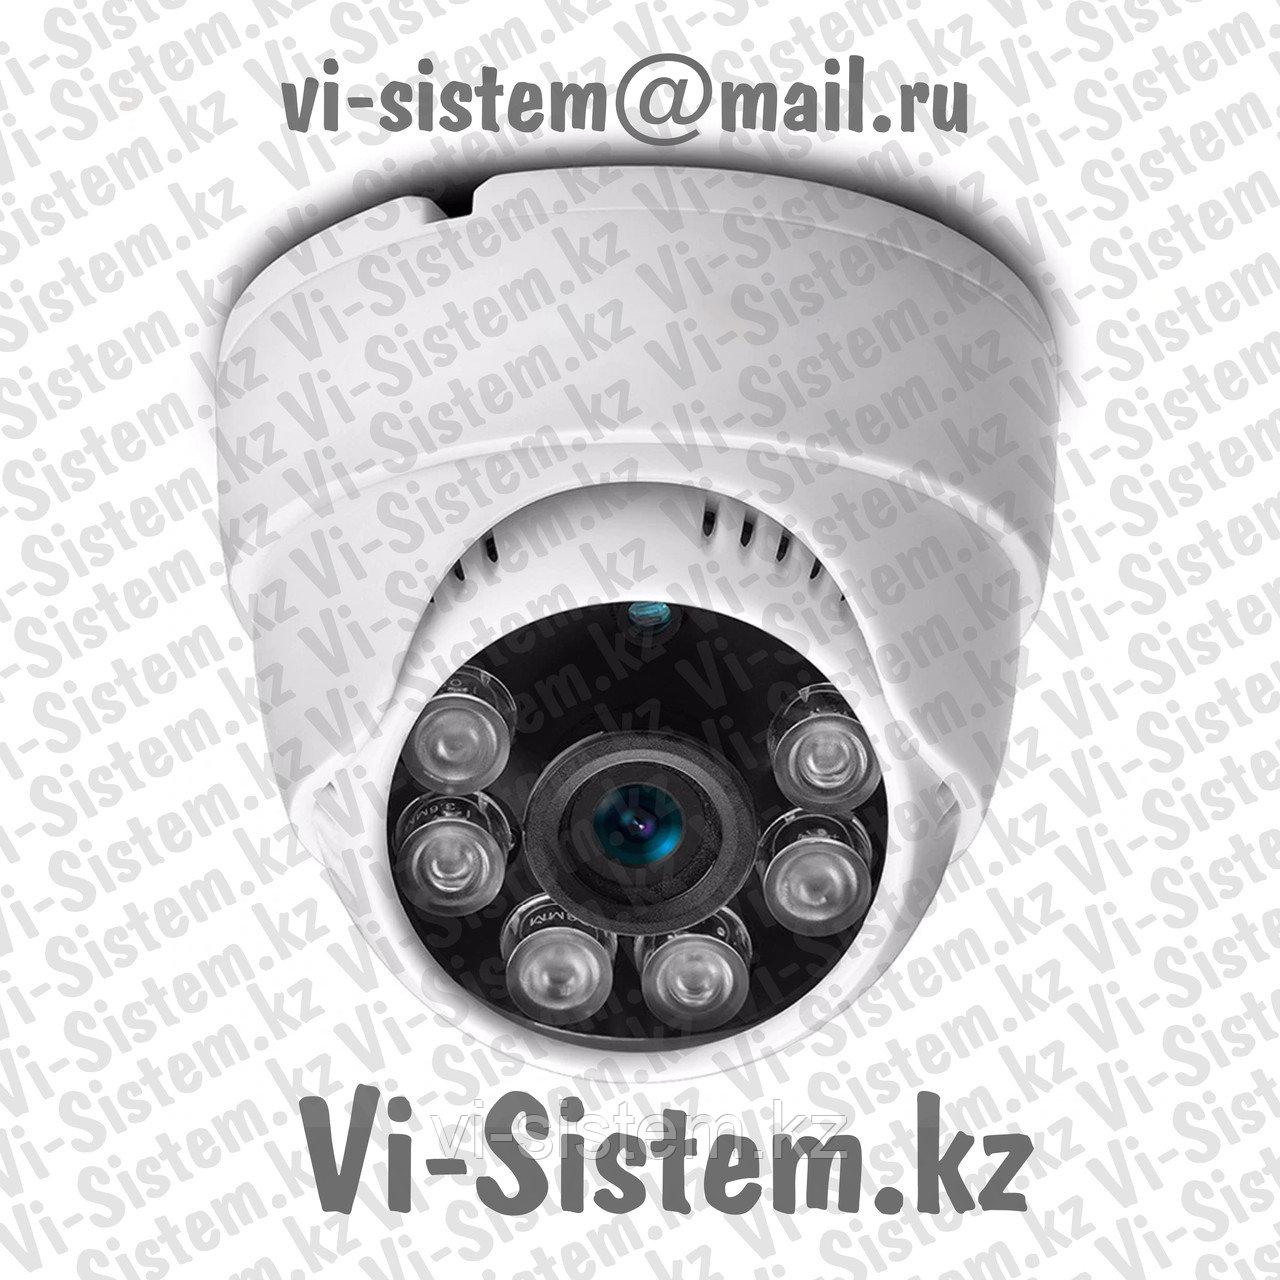 IP-Видеокамера SYNCAR 161 2MP